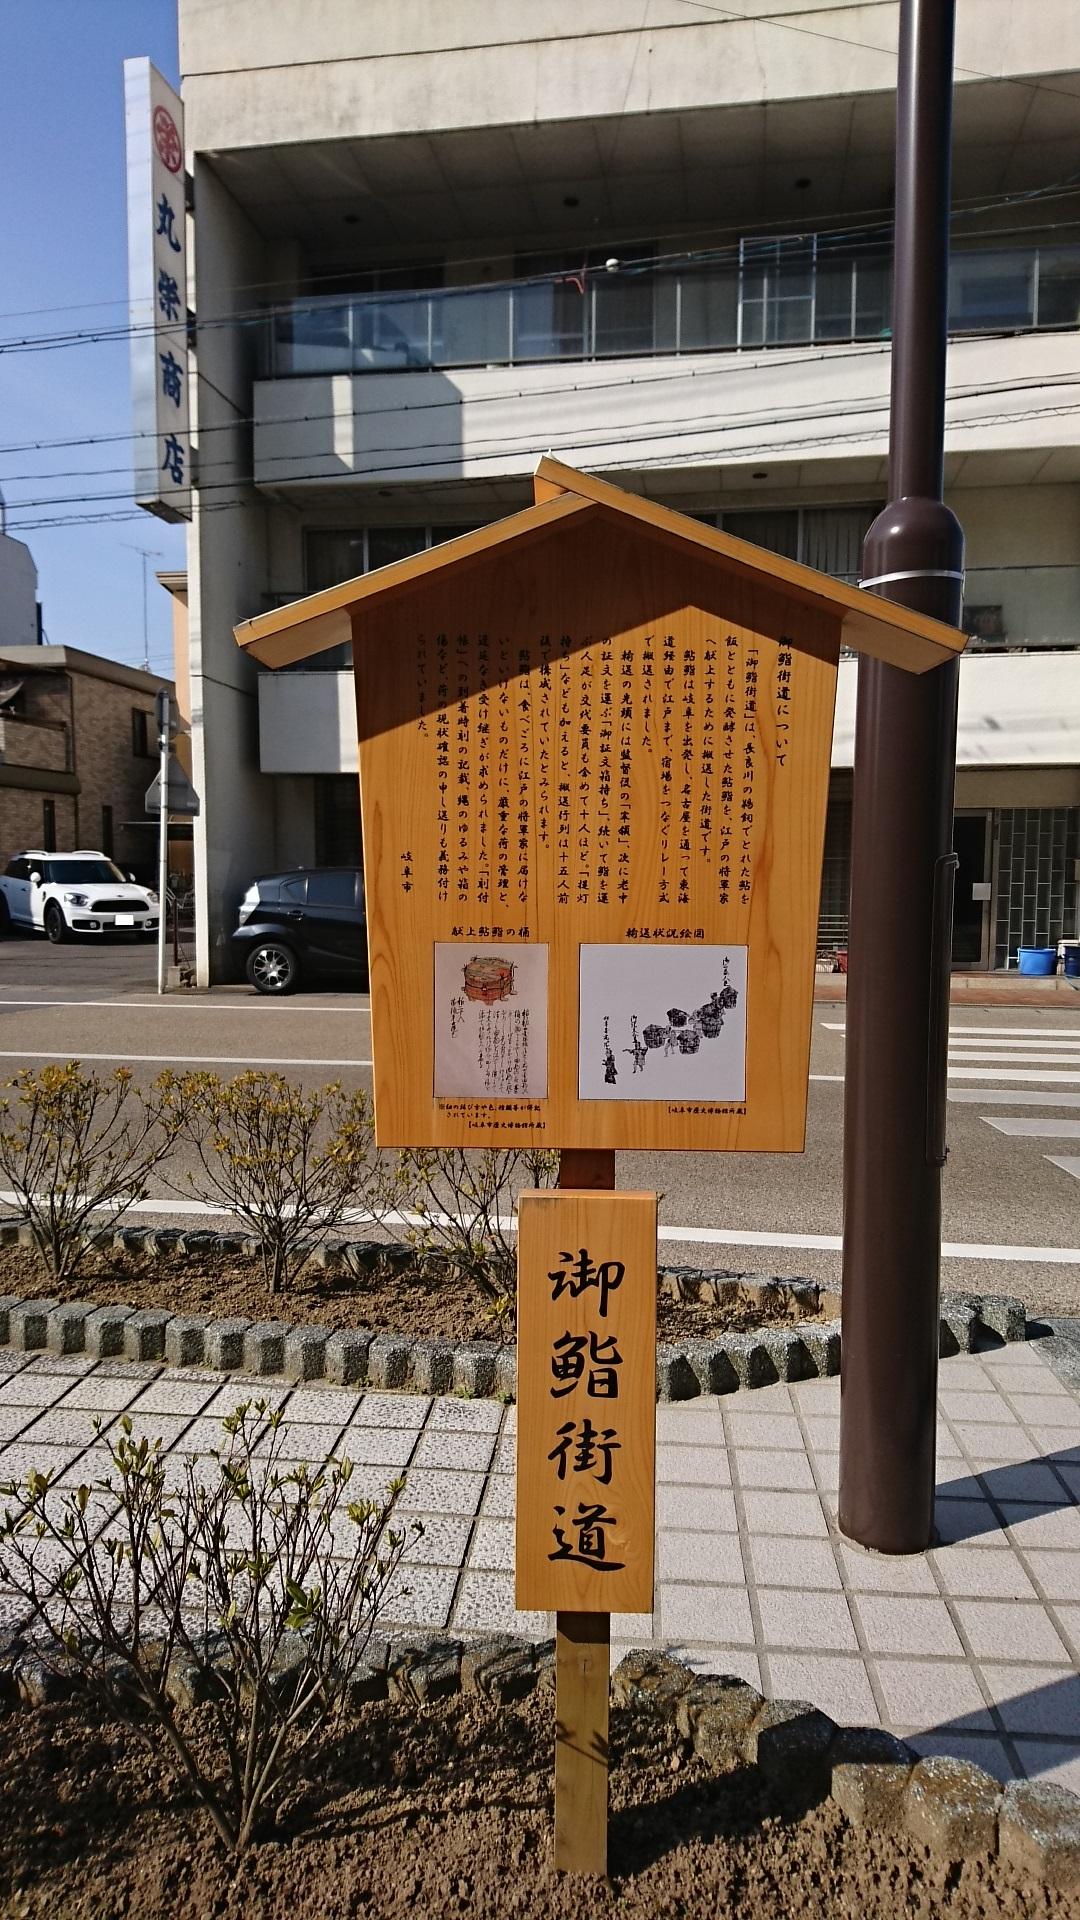 2018.2.19 岐阜 (117) おすし街道たてふだ 1080-1920